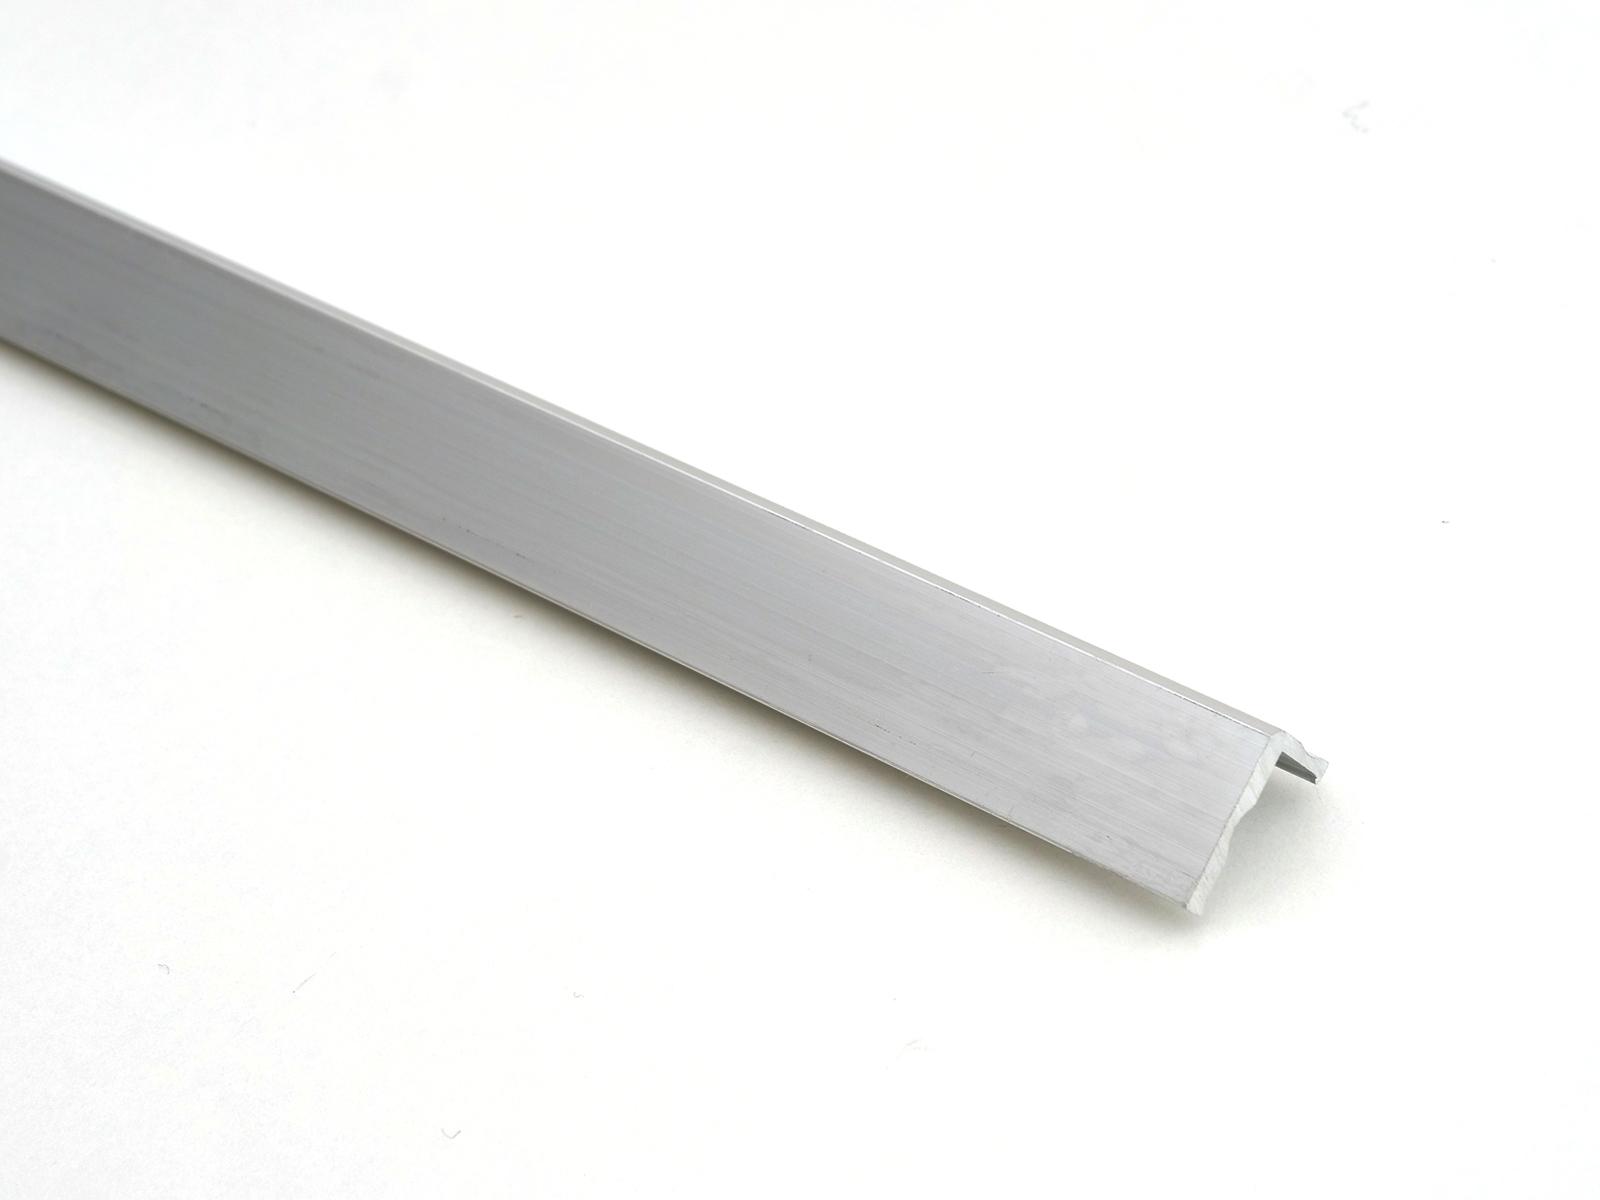 Cs alu L profil 10mm/2,5fm A01060 BAUplaza Kft.